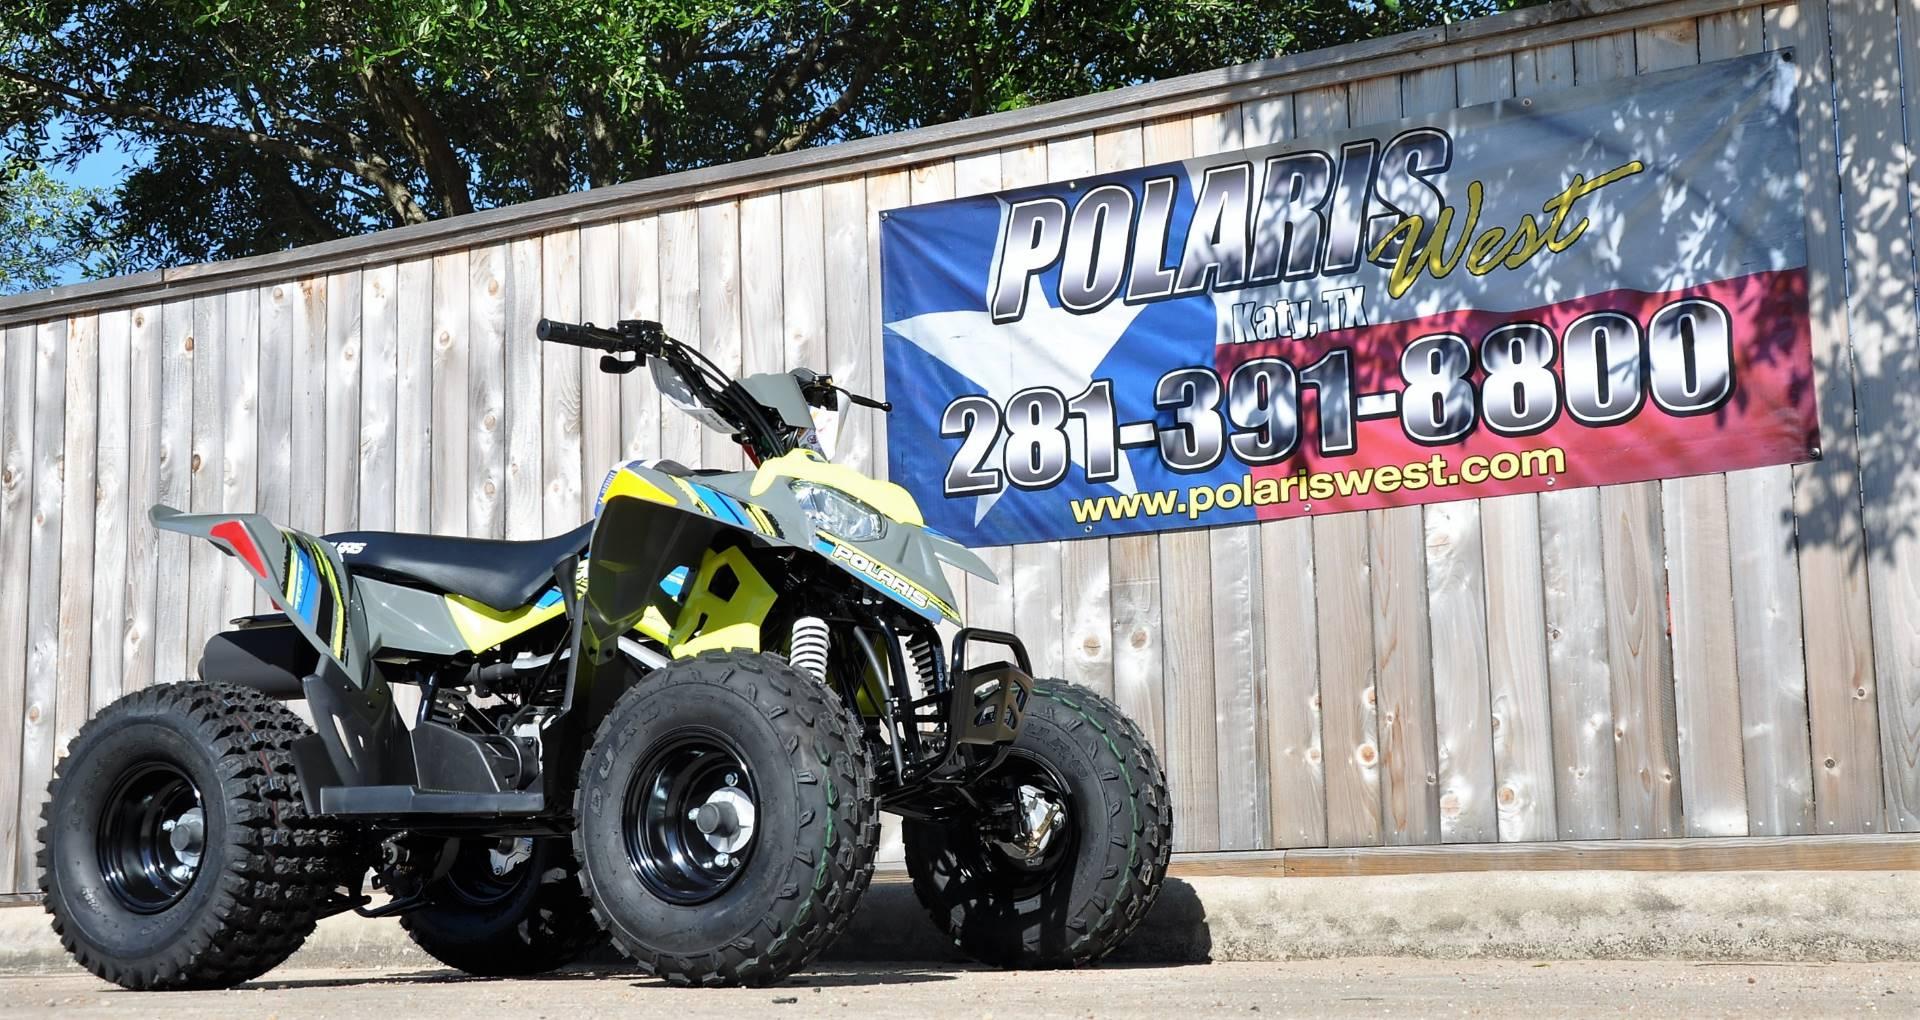 2018 Polaris Outlaw 110 2